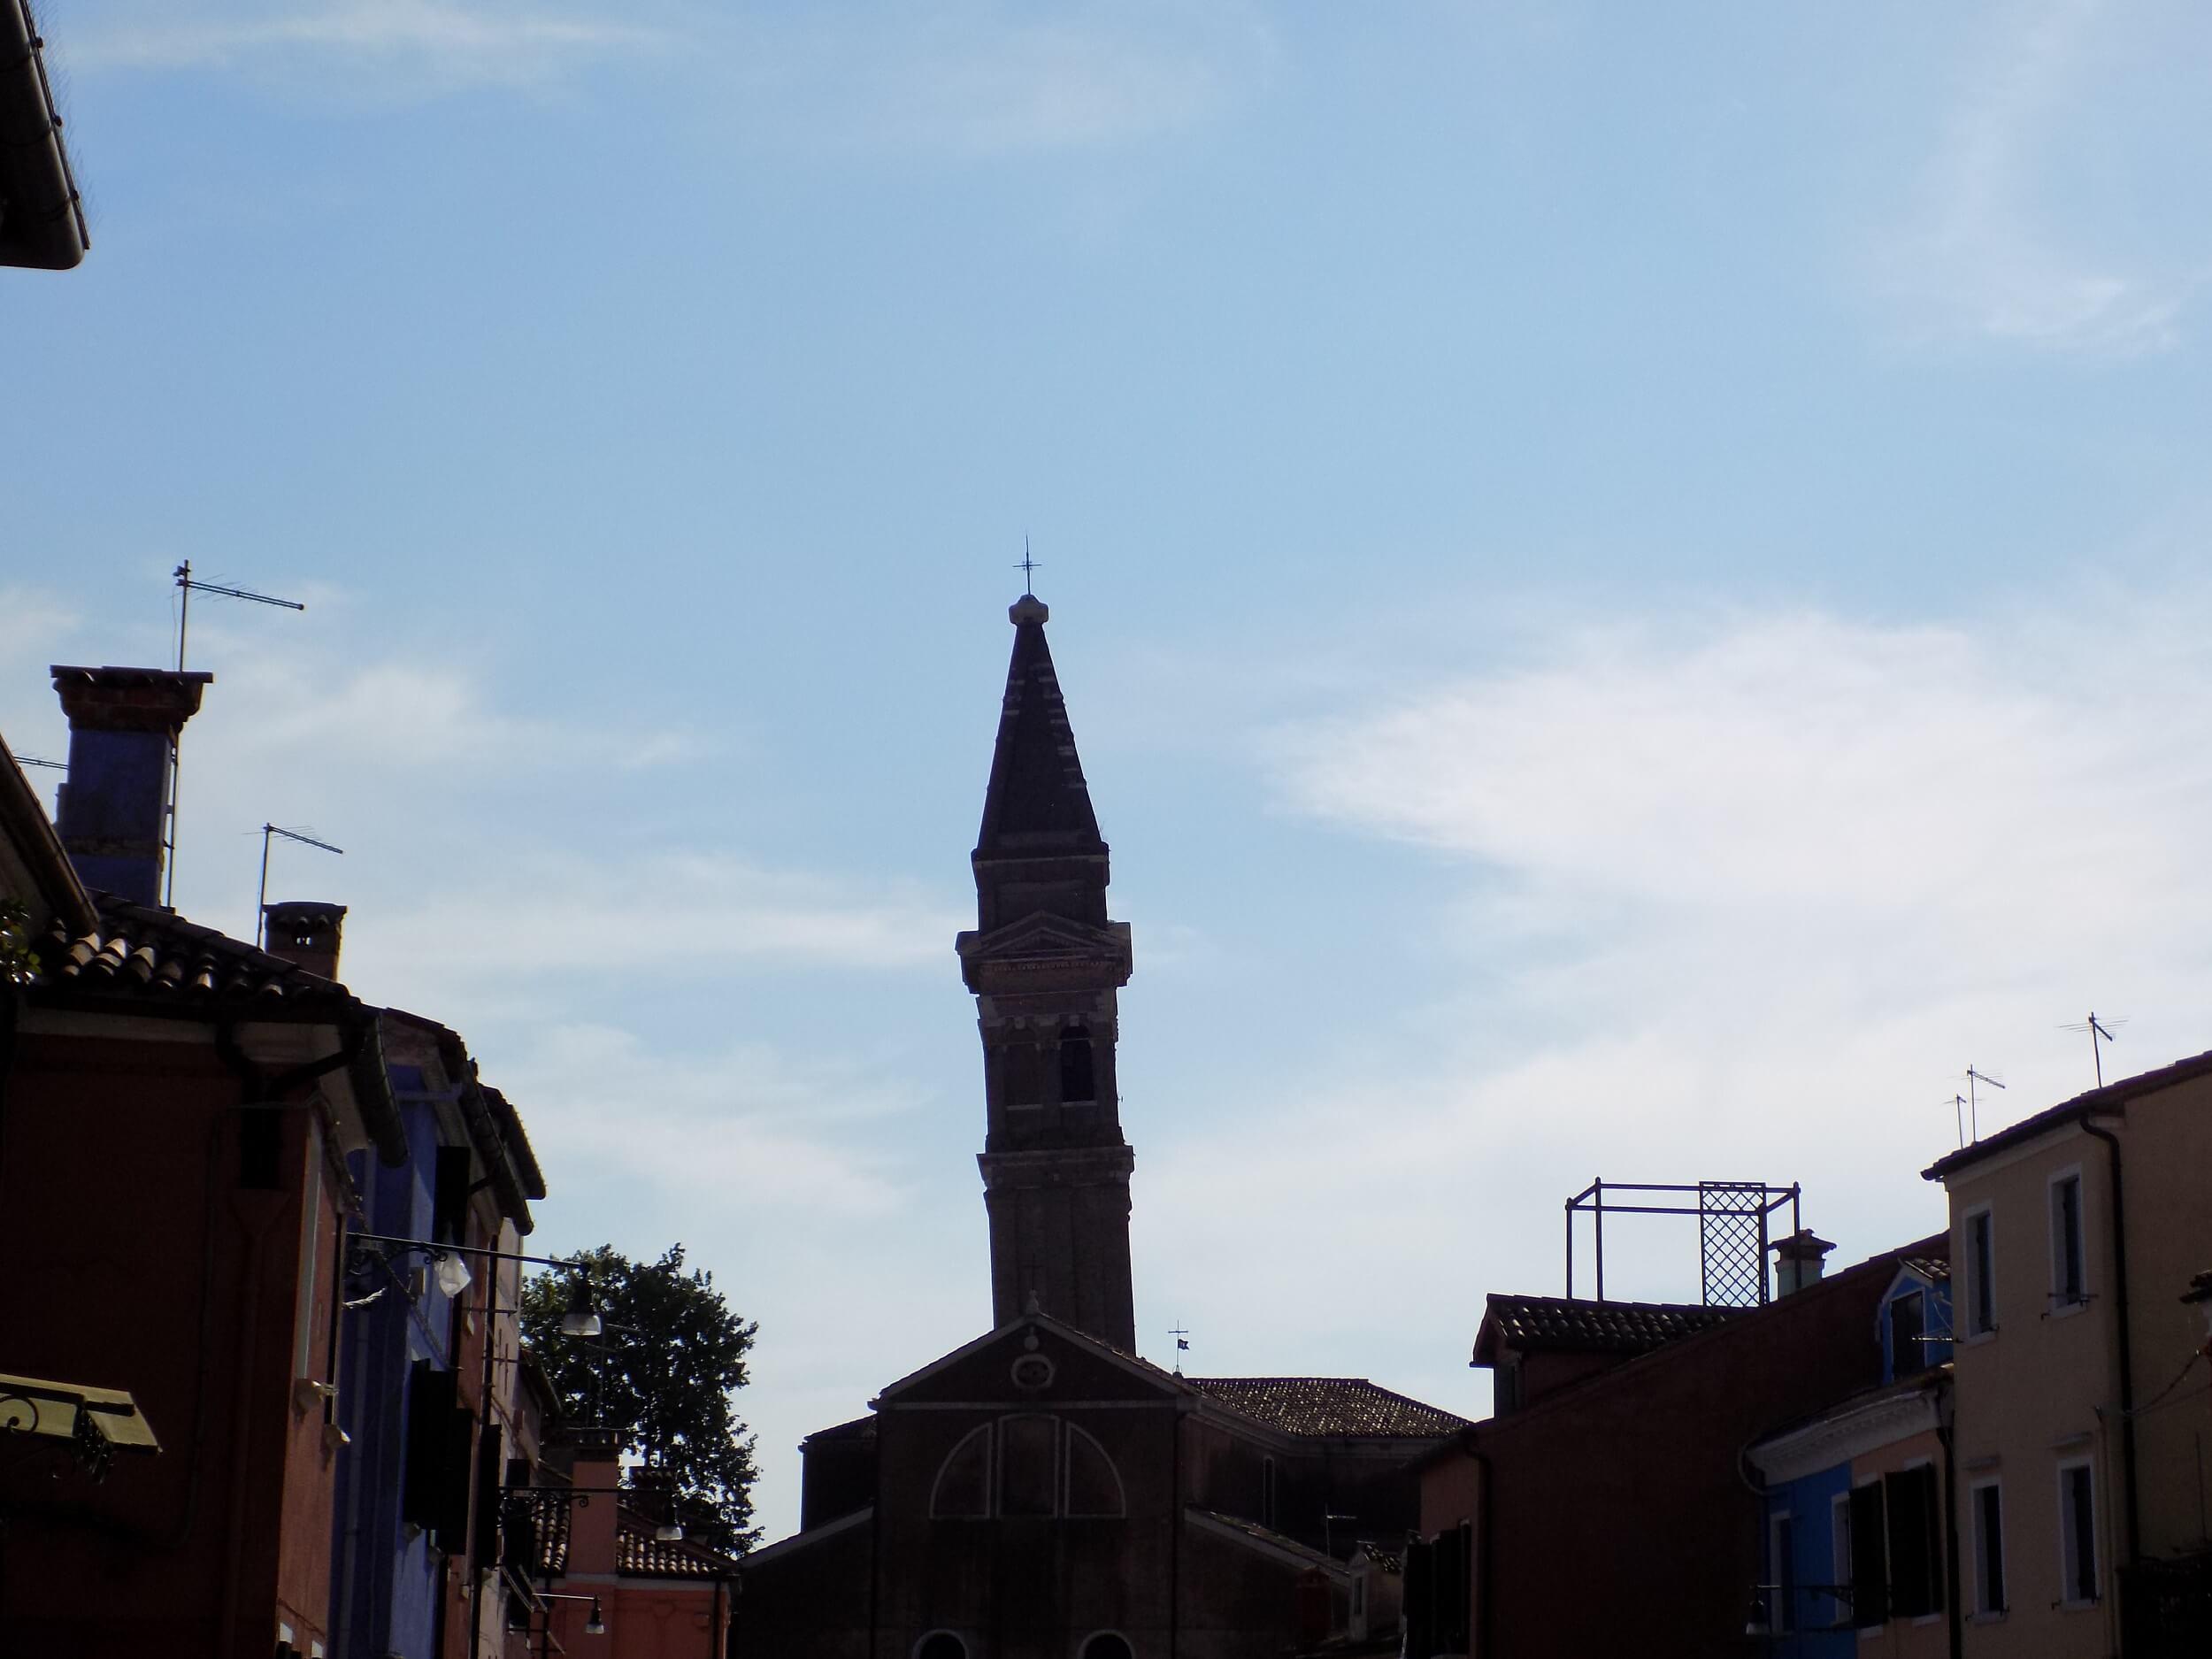 campanile pendente Burano